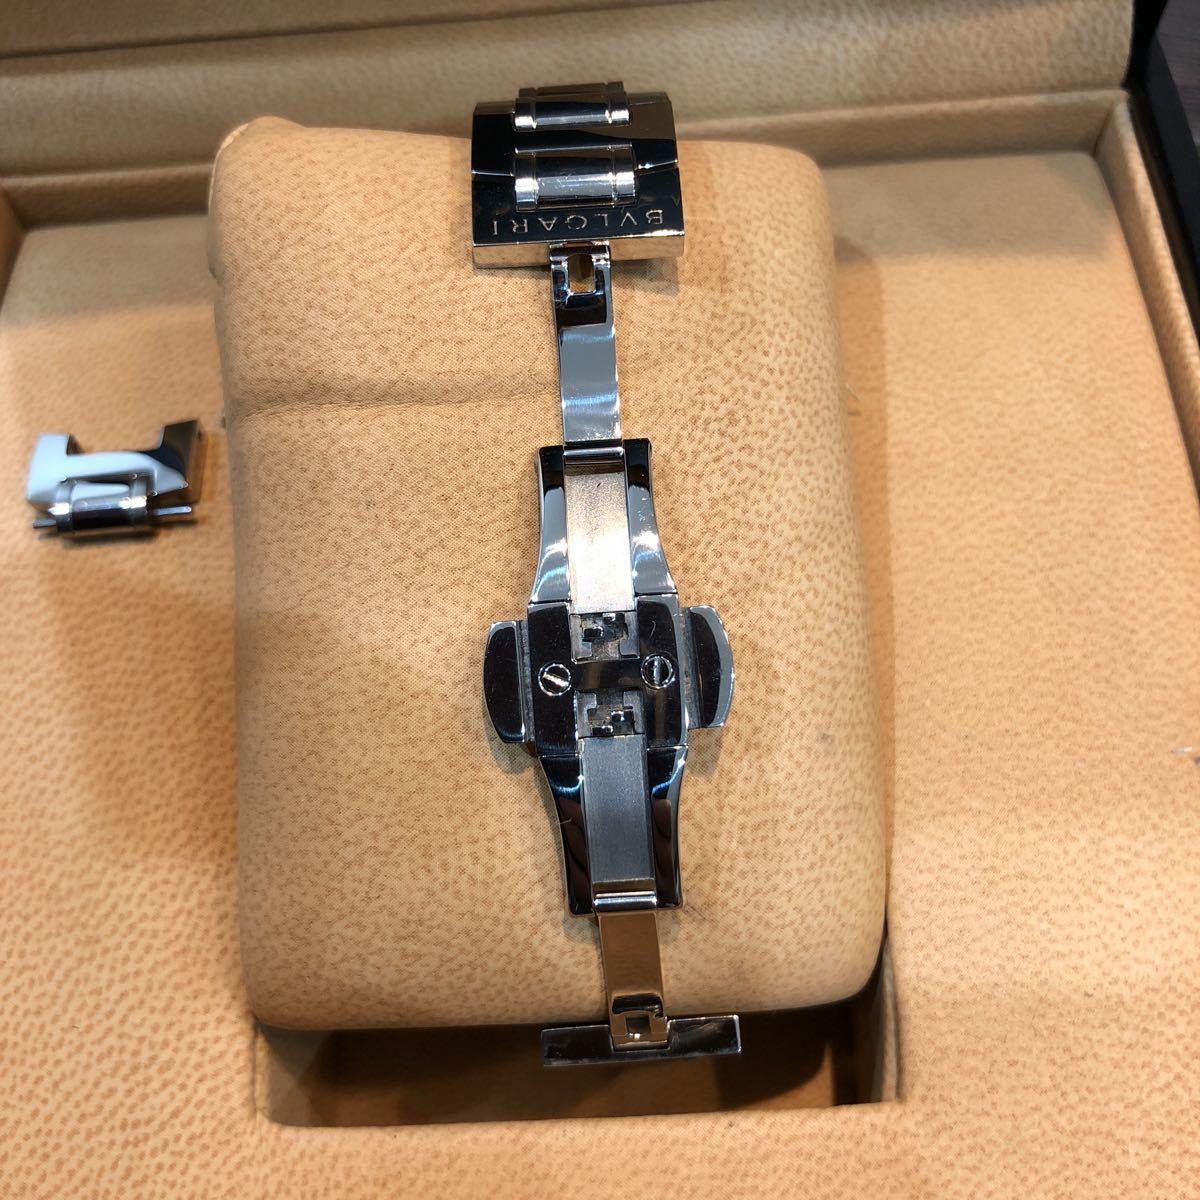 仕上げ済み 極美品 ブルガリ アショーマ AA39S BVLGARI 腕時計 レディース_画像4